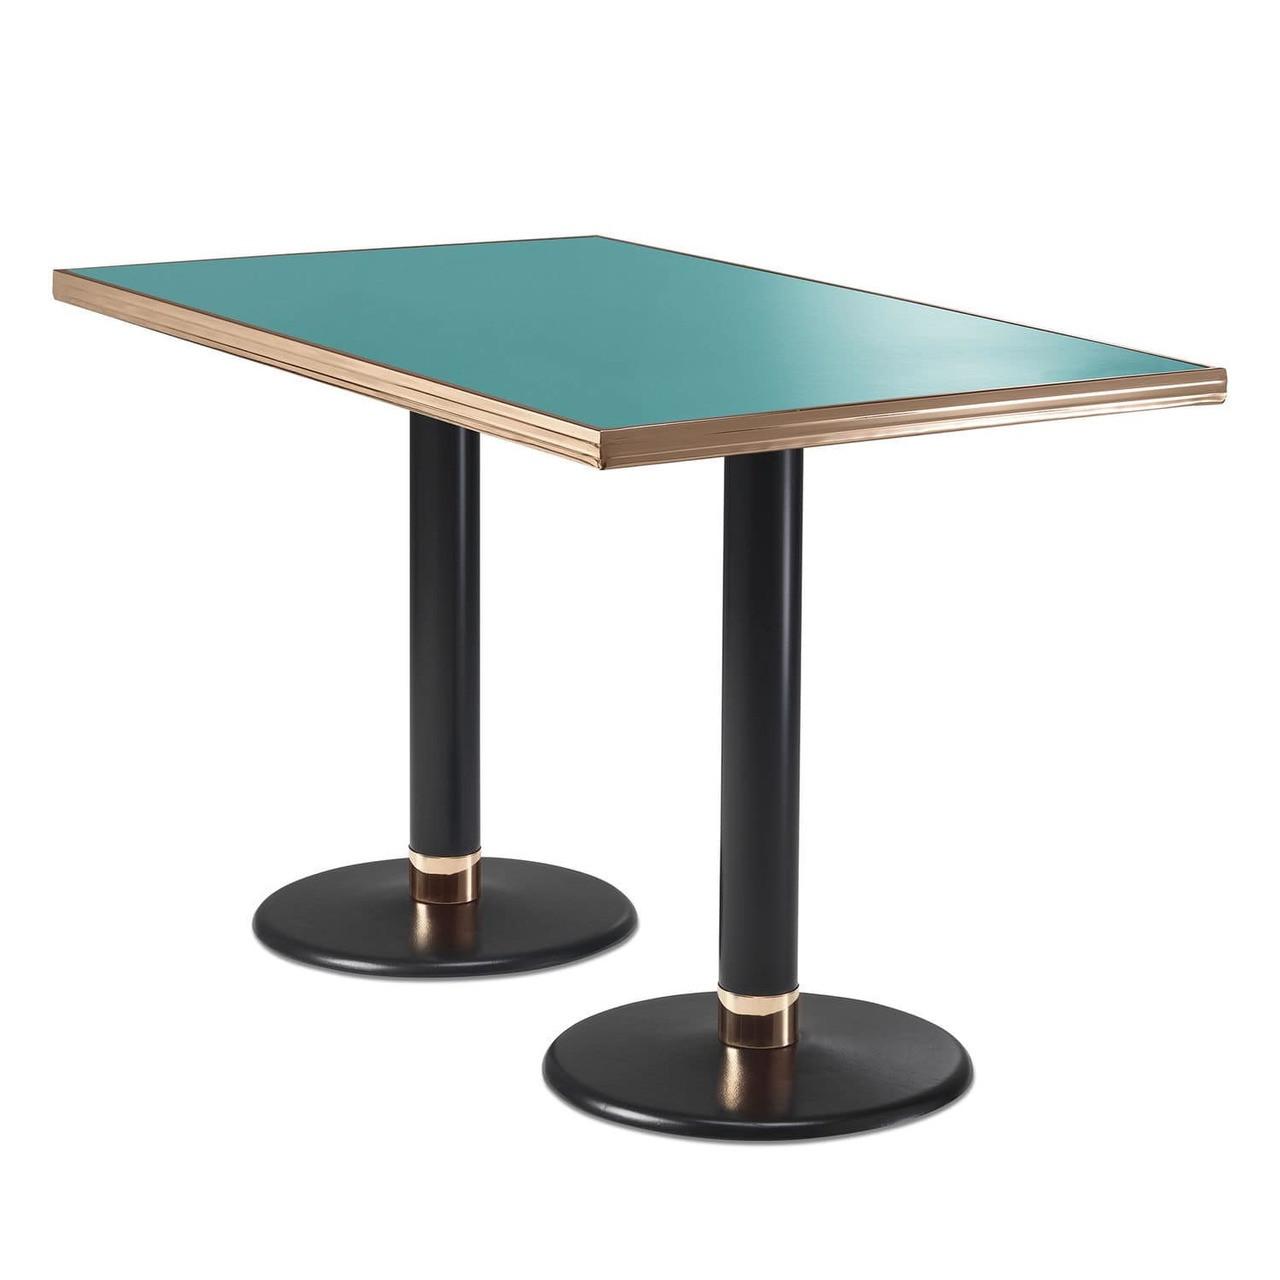 dl product specs concrete the description sl bistro warranty care hauteville table